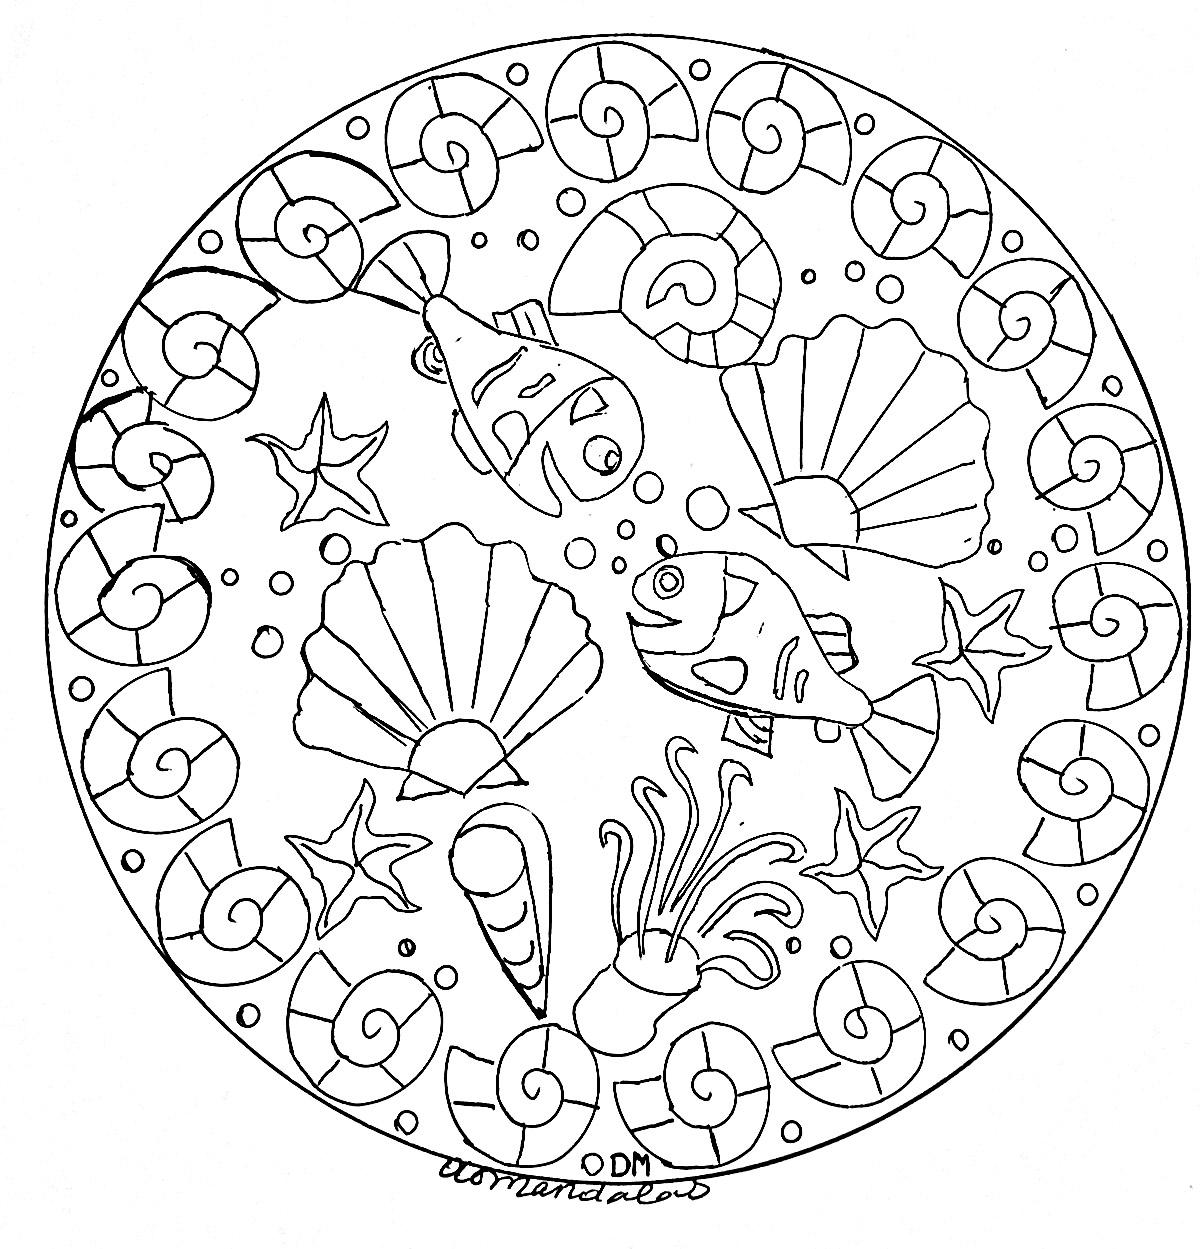 Mandala Domandalas Seabed 2 - M&Alas Adult Coloring Pages avec Coloriage Animaux De La Mer A Imprimer